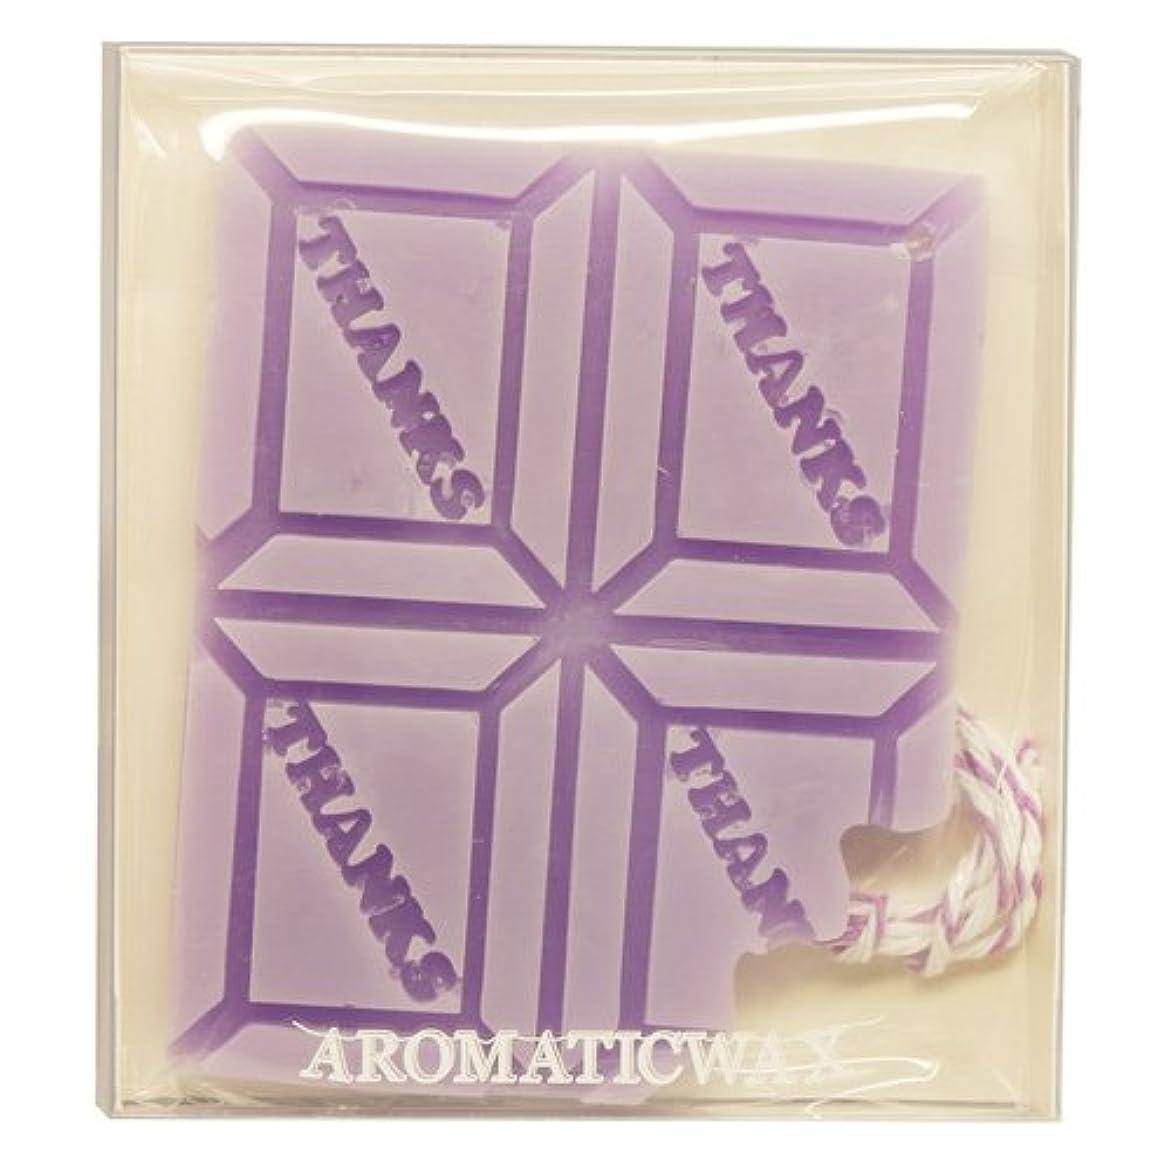 前部一族休暇GRASSE TOKYO AROMATICWAXチャーム「板チョコ(THANKS)」(PU) ラベンダー アロマティックワックス グラーストウキョウ